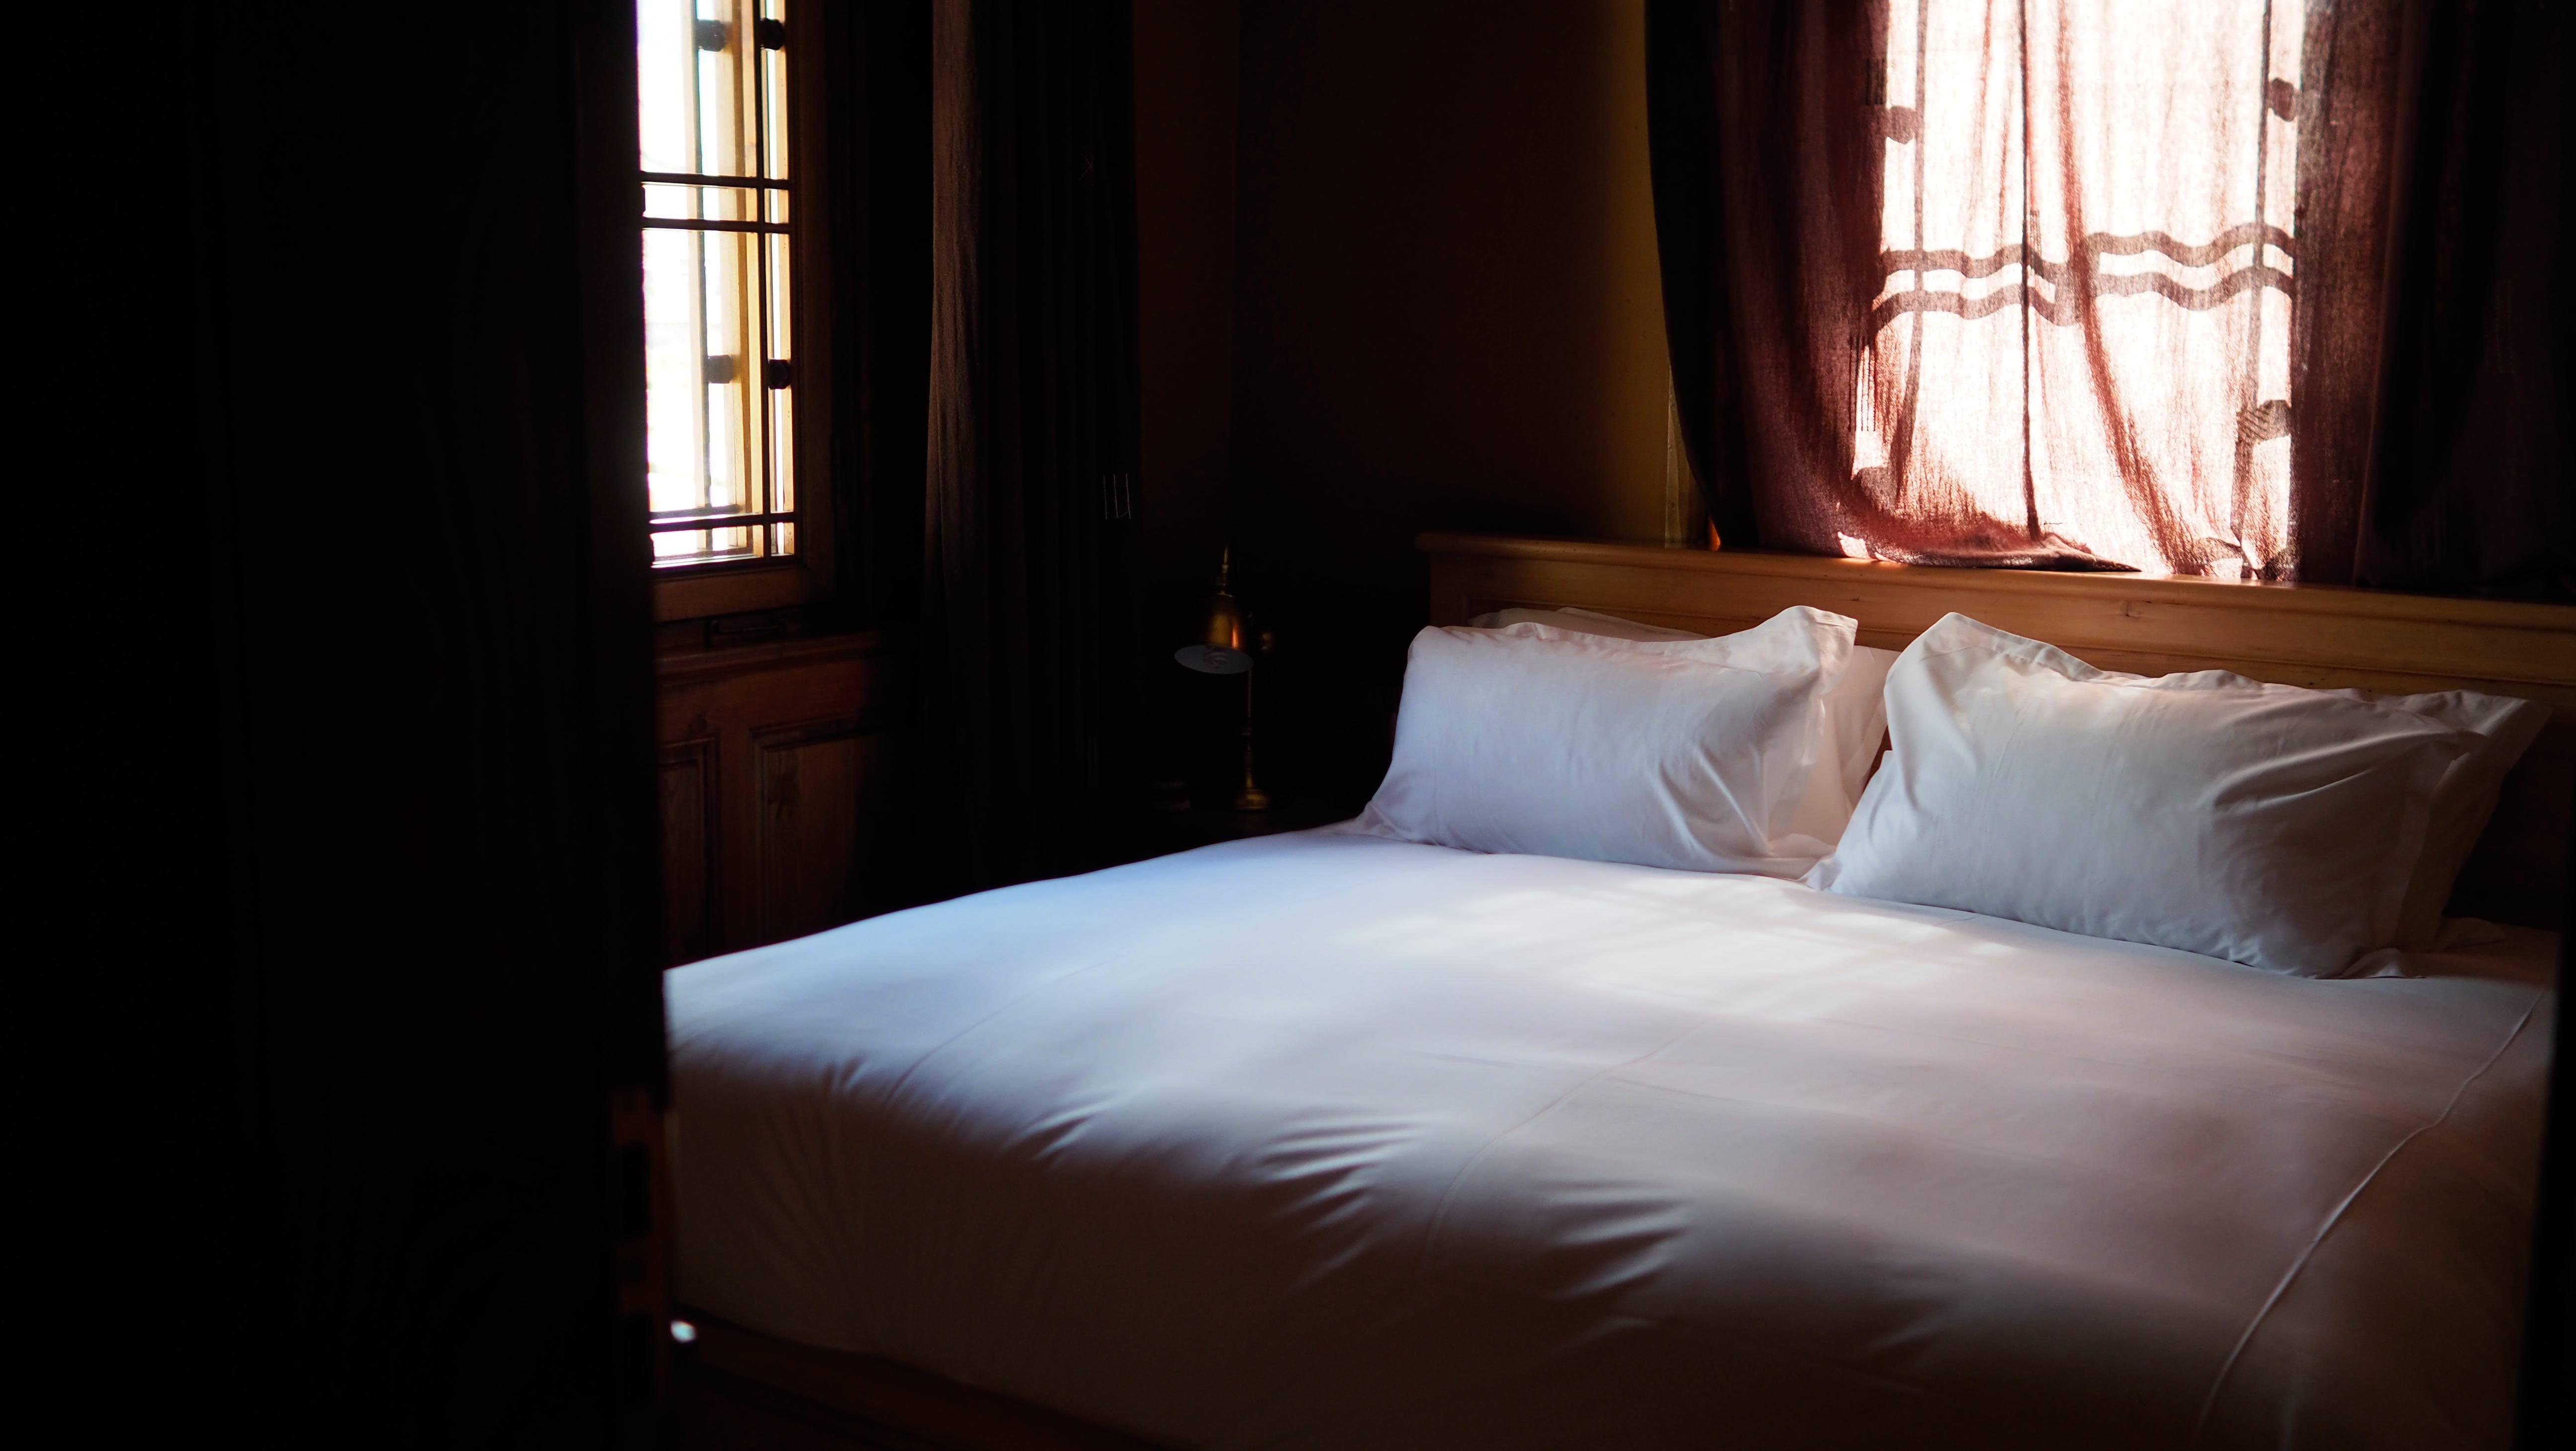 拉萨松赞曲吉林卡酒店弥散式供氧豪华套花园景观房